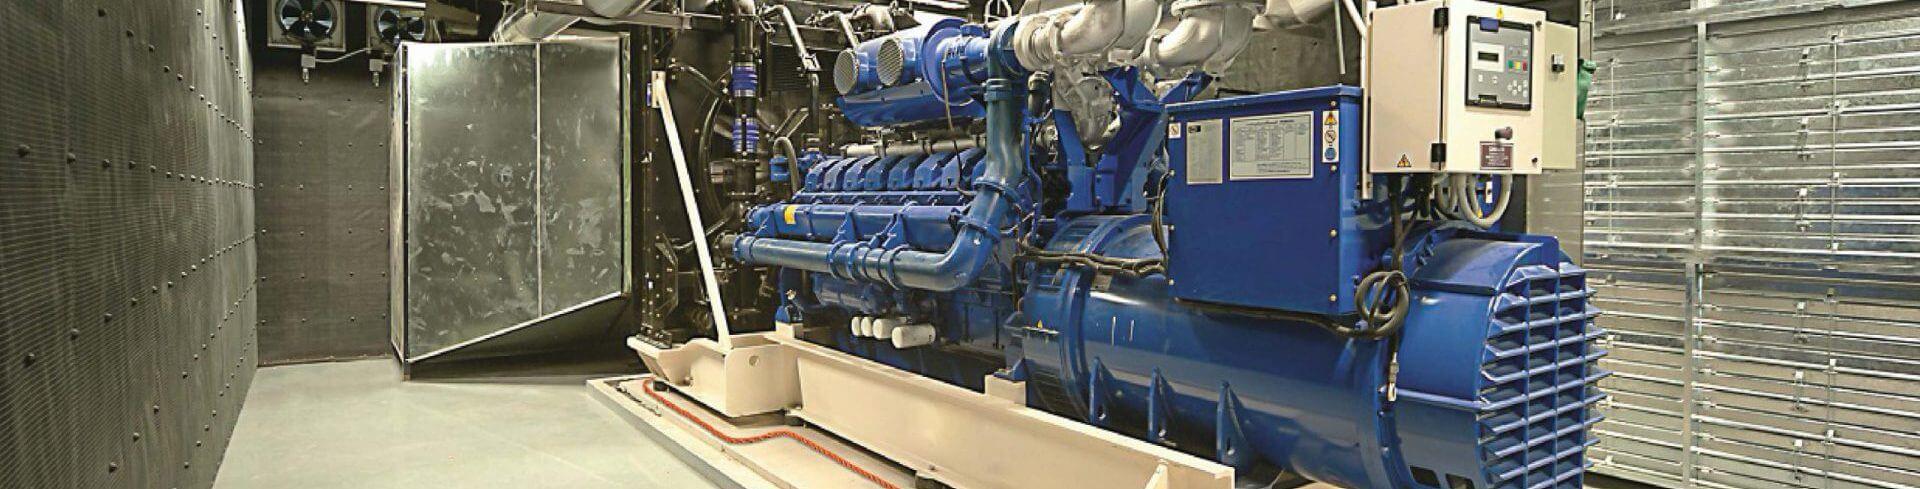 TTK柴油泄漏检测解决方案 专为柴油发动机设计